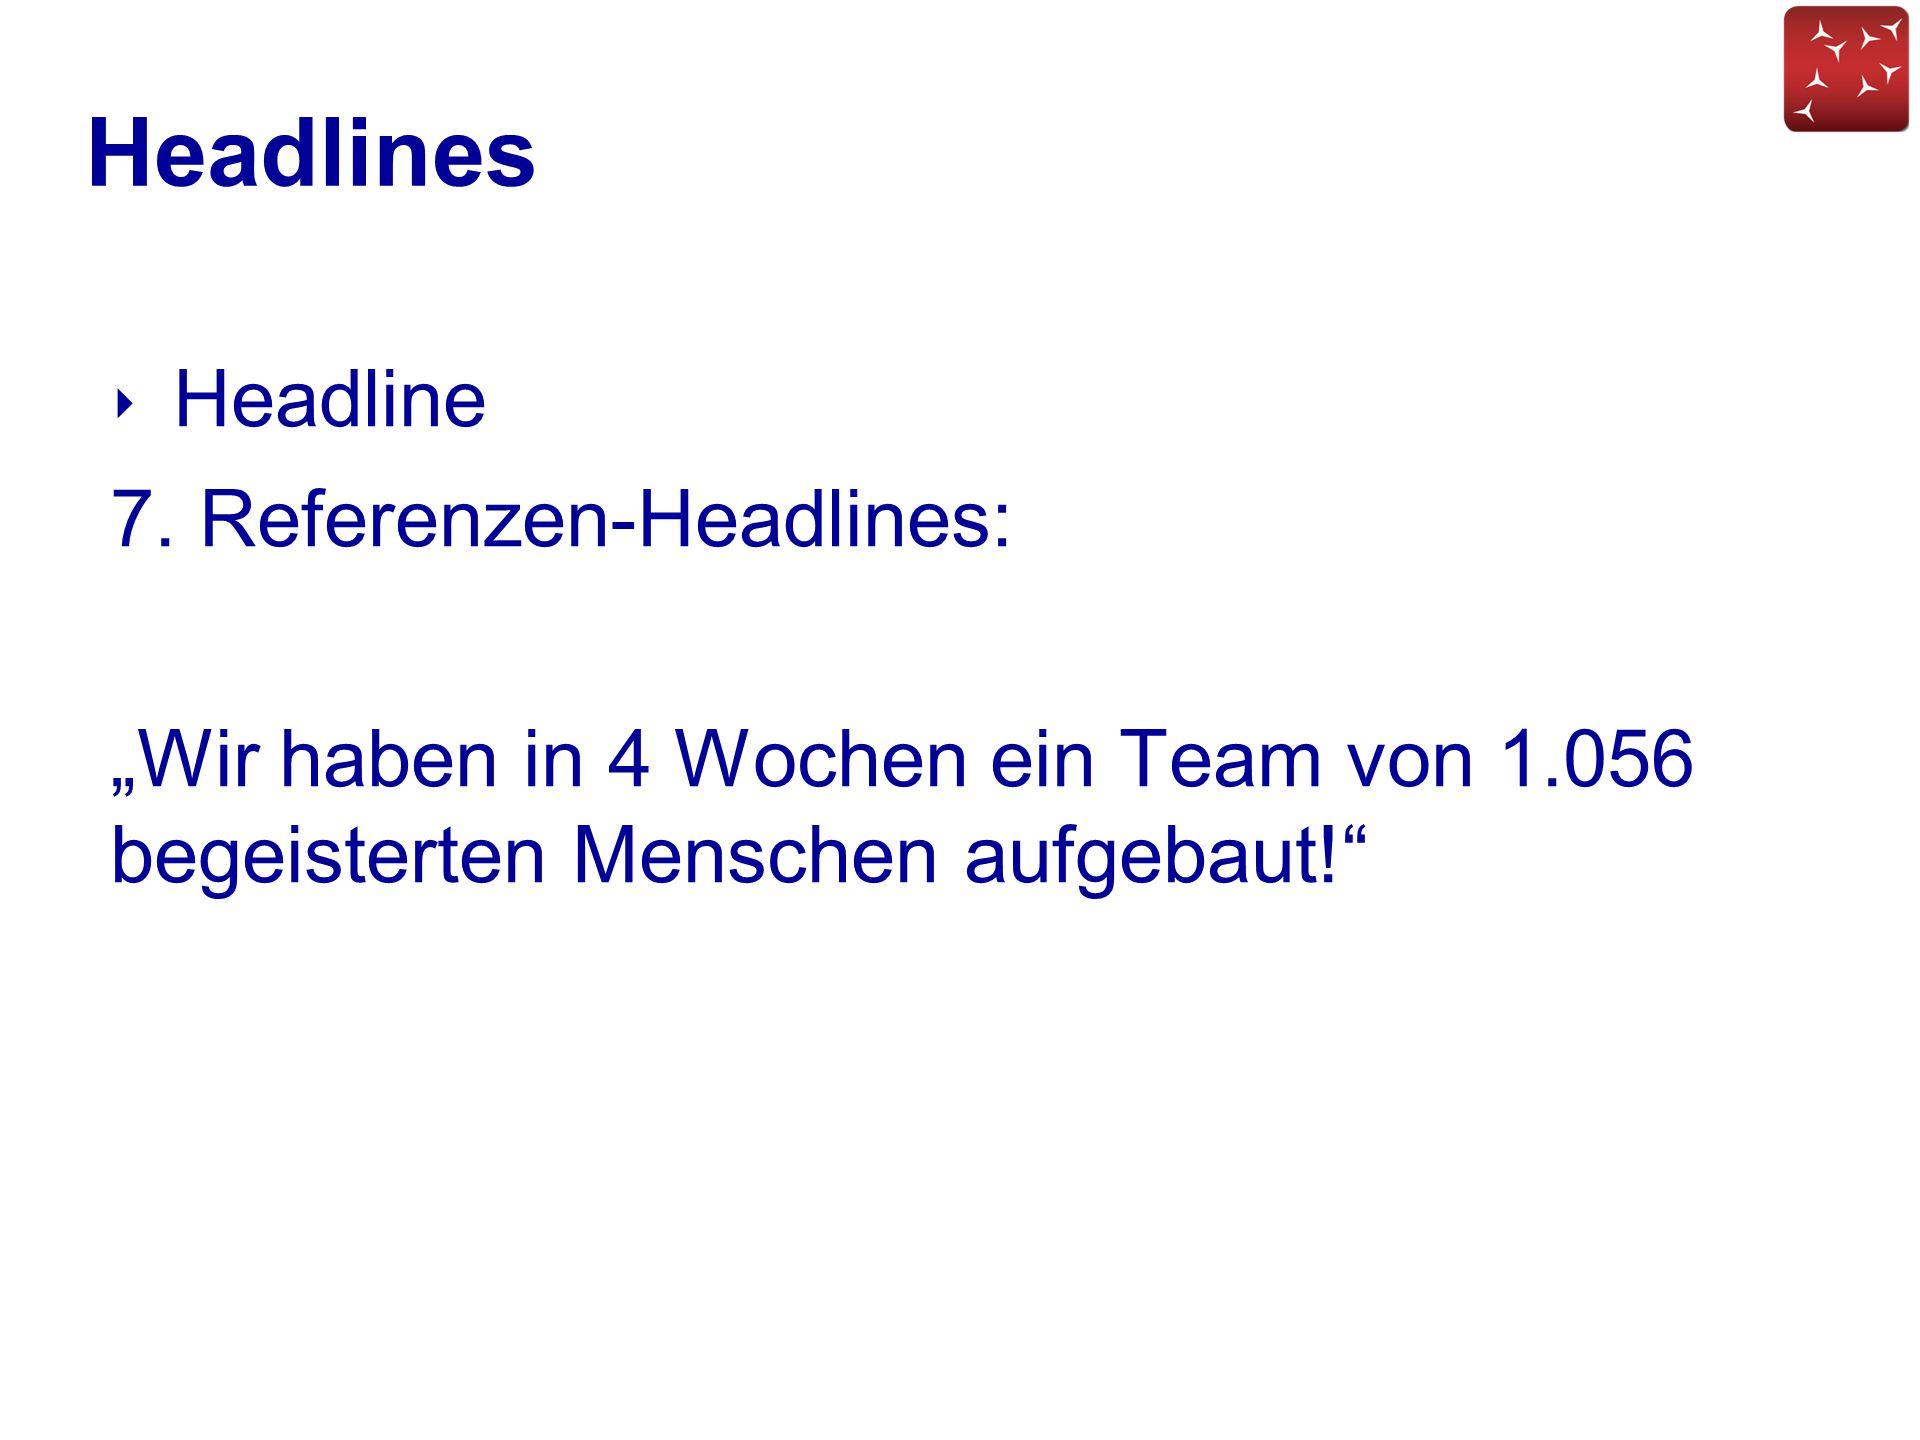 """Headlines ‣ Headline 7. Referenzen-Headlines: """"Wir haben in 4 Wochen ein Team von 1.056 begeisterten Menschen aufgebaut!"""""""